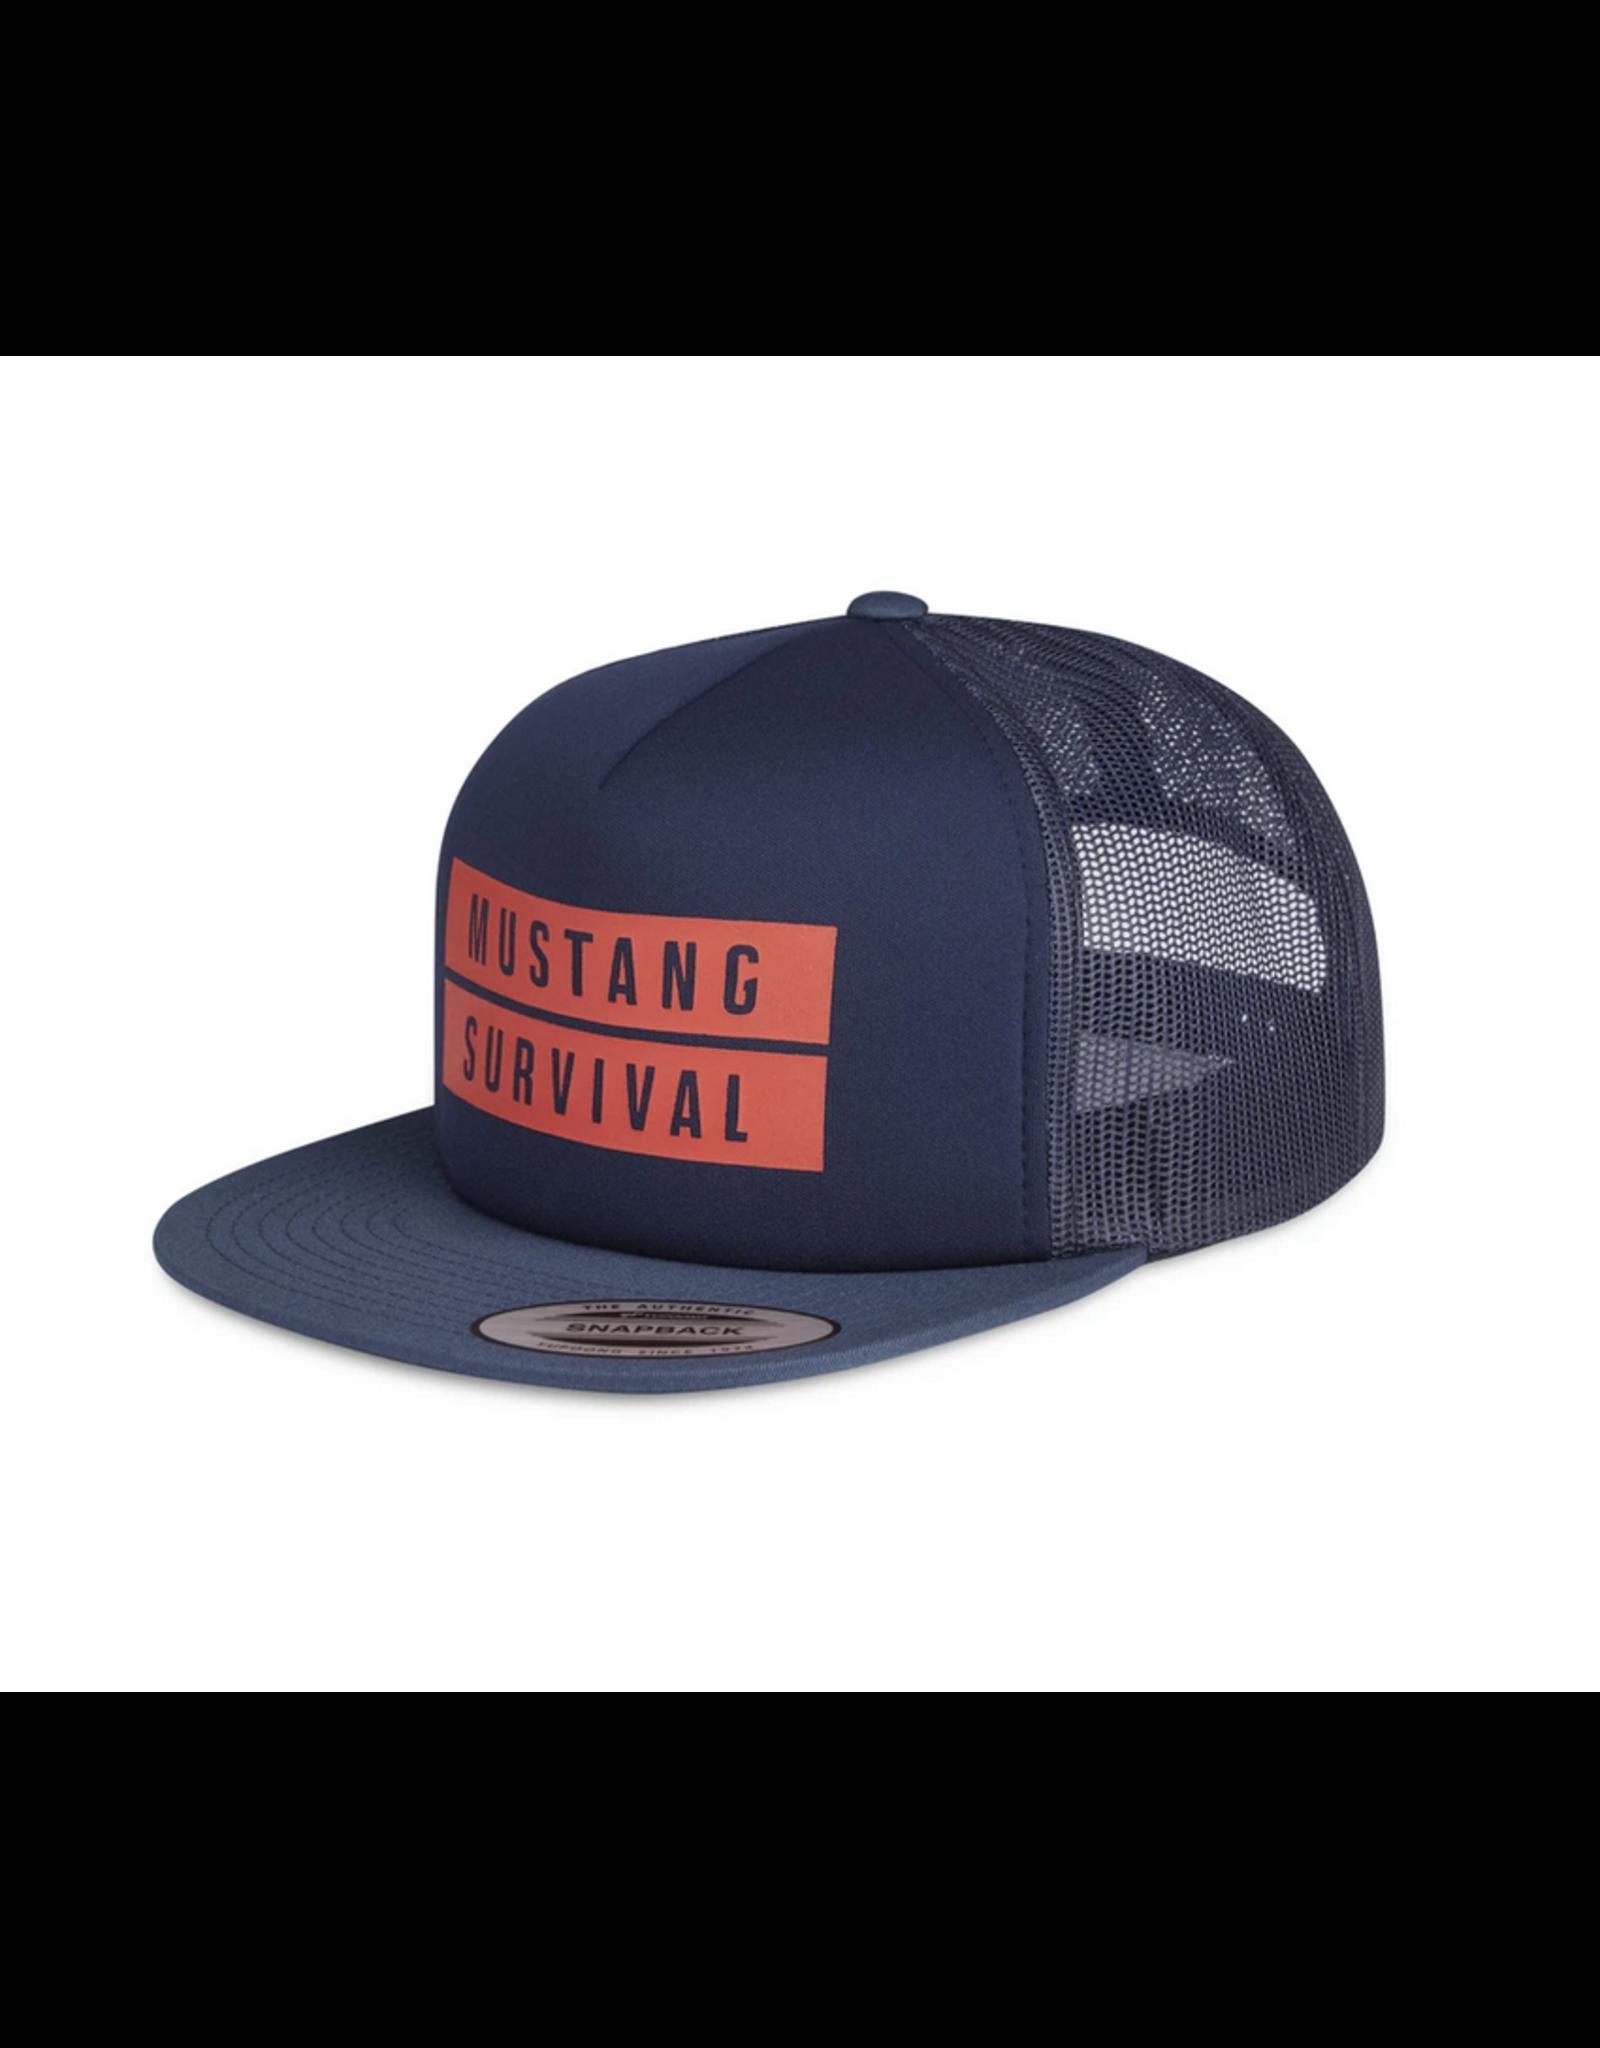 Mustang Survival Mustang Survival Foam Trucker Hat